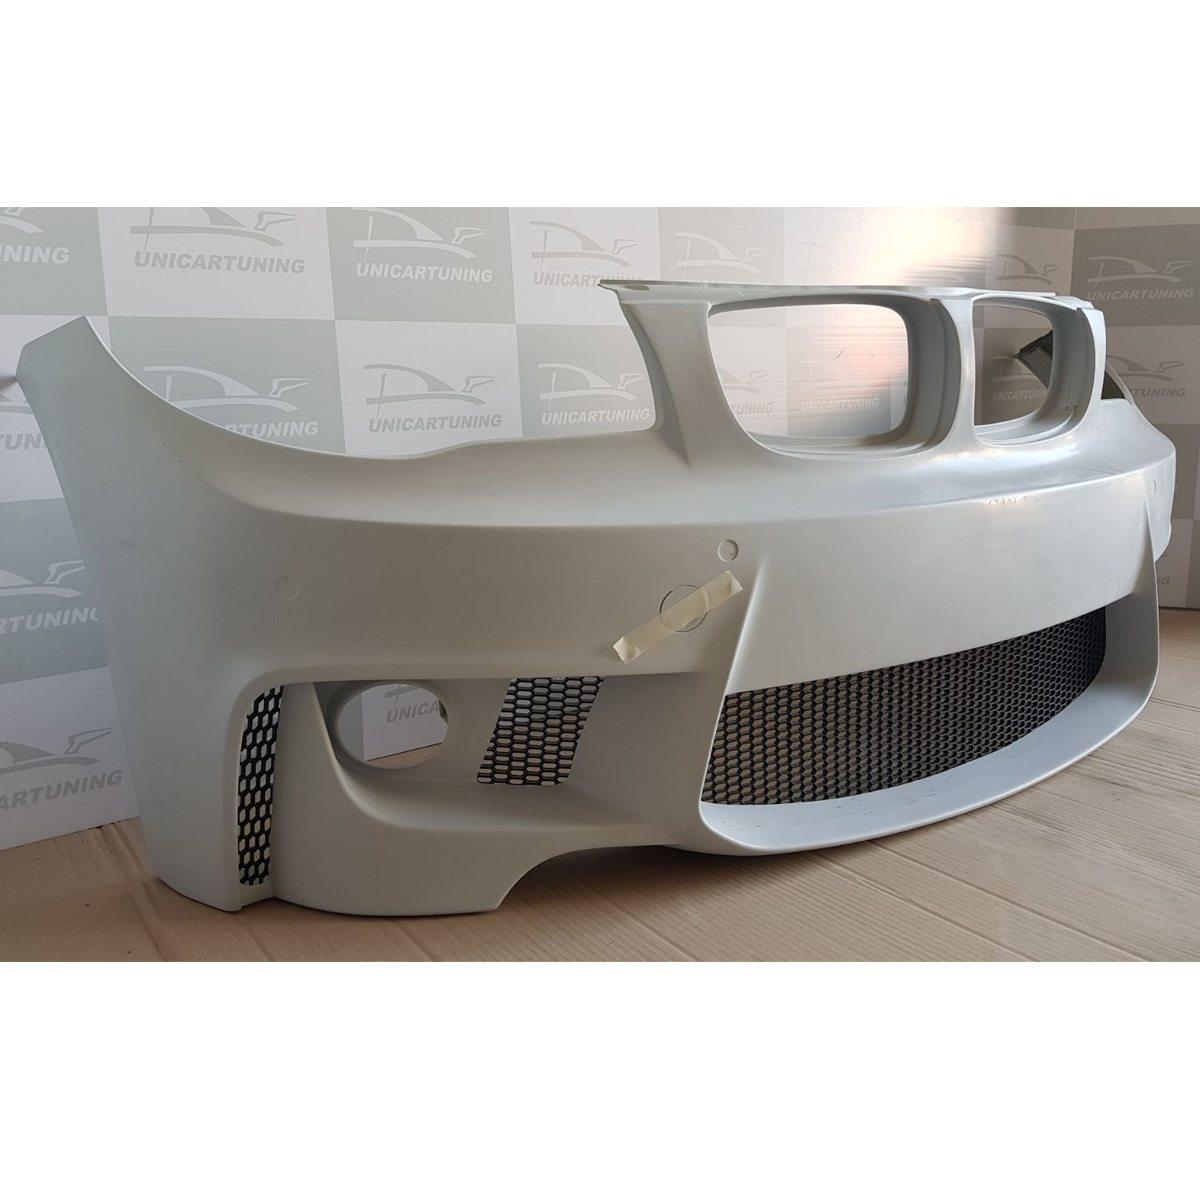 BMW-Serie-1-Para-choques-Frente-Look-M1-c-sup-F.N.-14